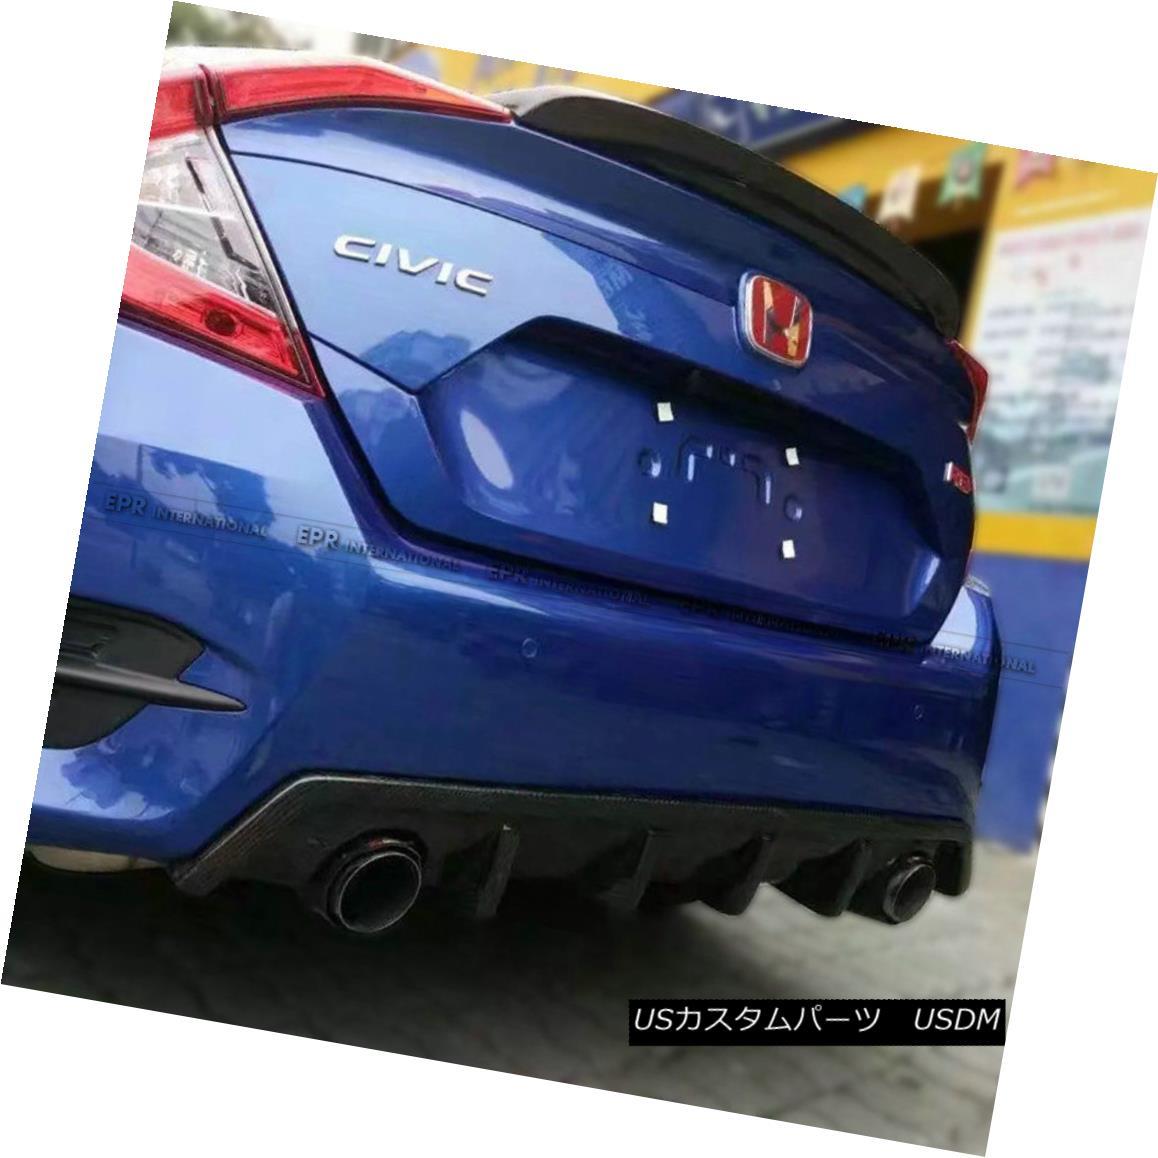 エアロパーツ ABC Rear Diffuser Kits For Honda 10th Generation Civic FC CM-Style Carbon Fiber ホンダ第10世代シビックFC CMスタイルカーボンファイバー用ABCリアディフューザーキット